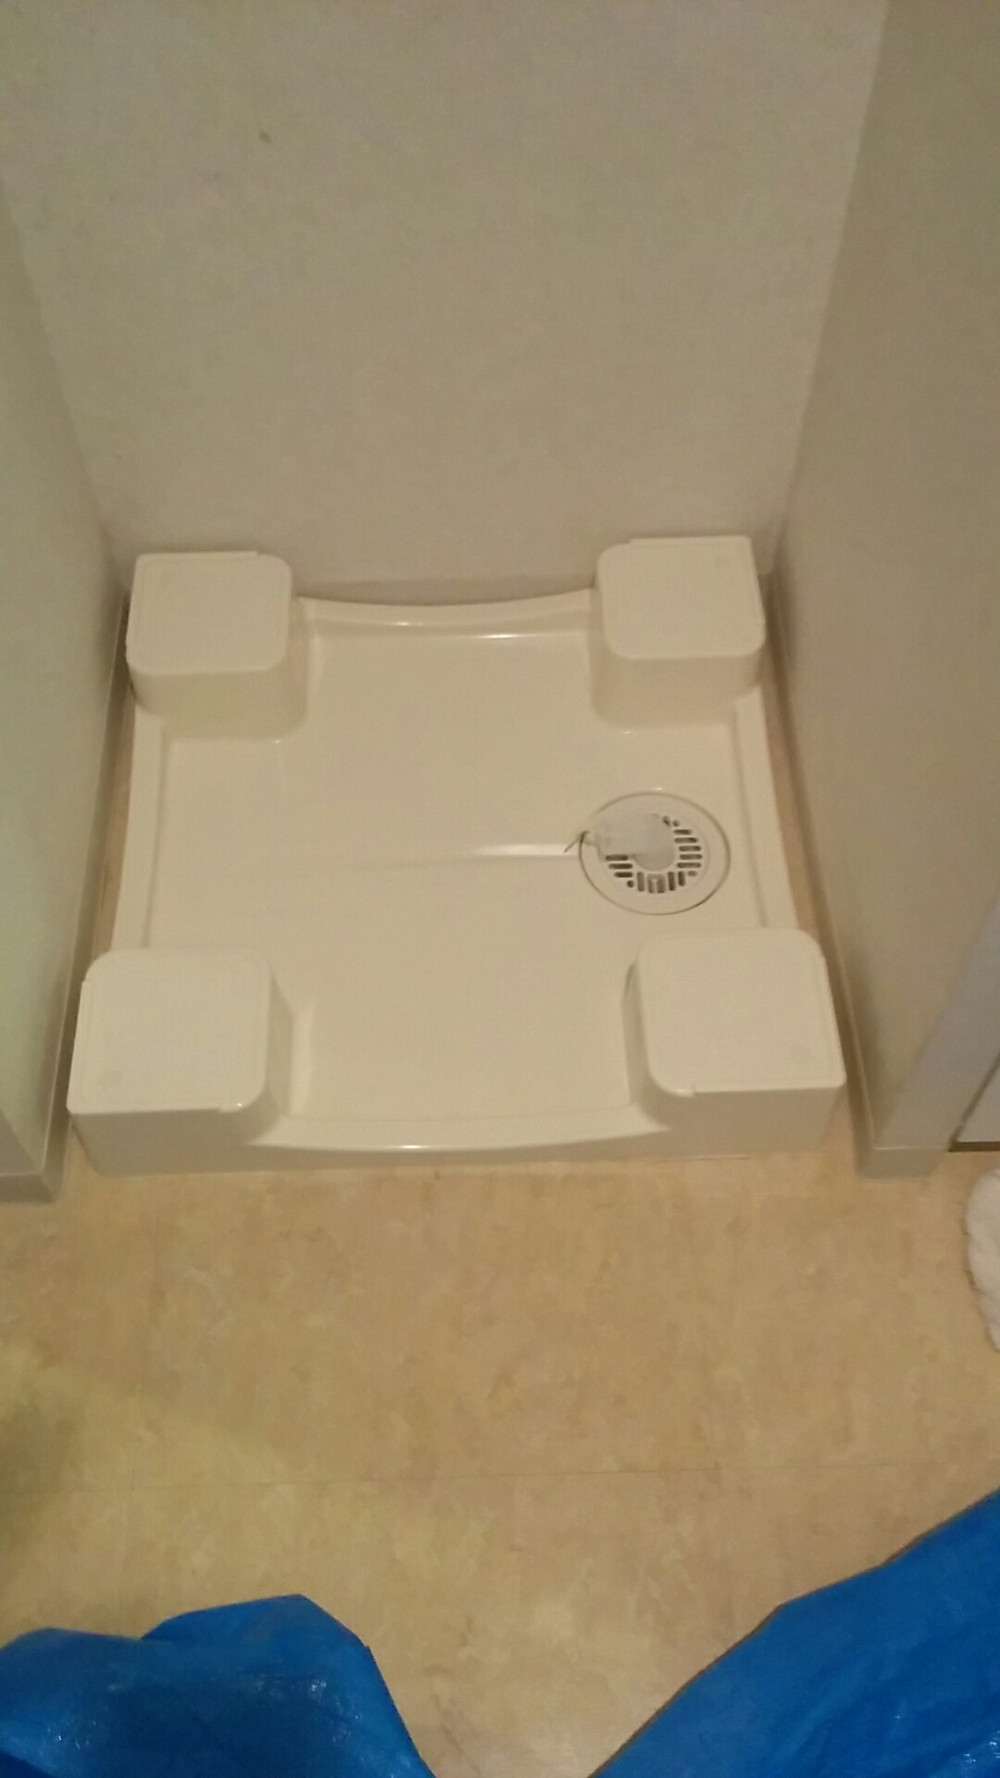 洗濯防水パンかさ上げ 設置後